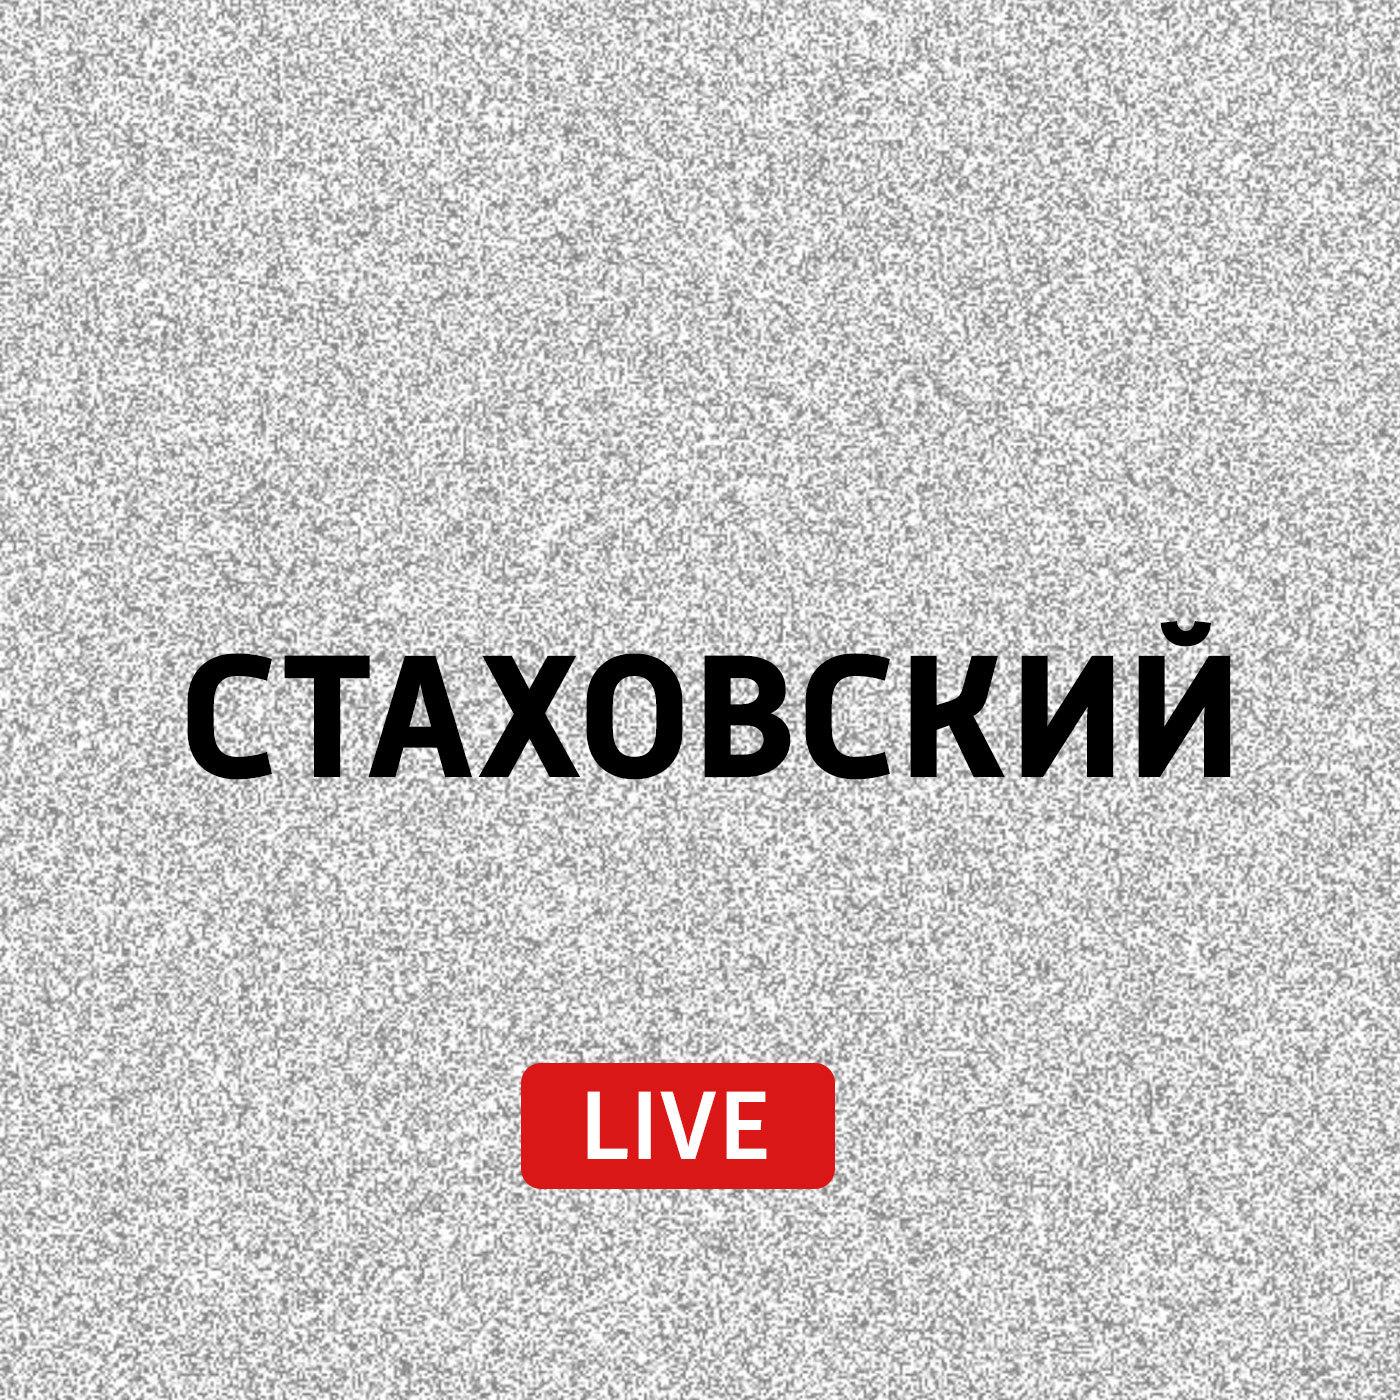 Евгений Стаховский Сиеста евгений стаховский история джека потрошителя